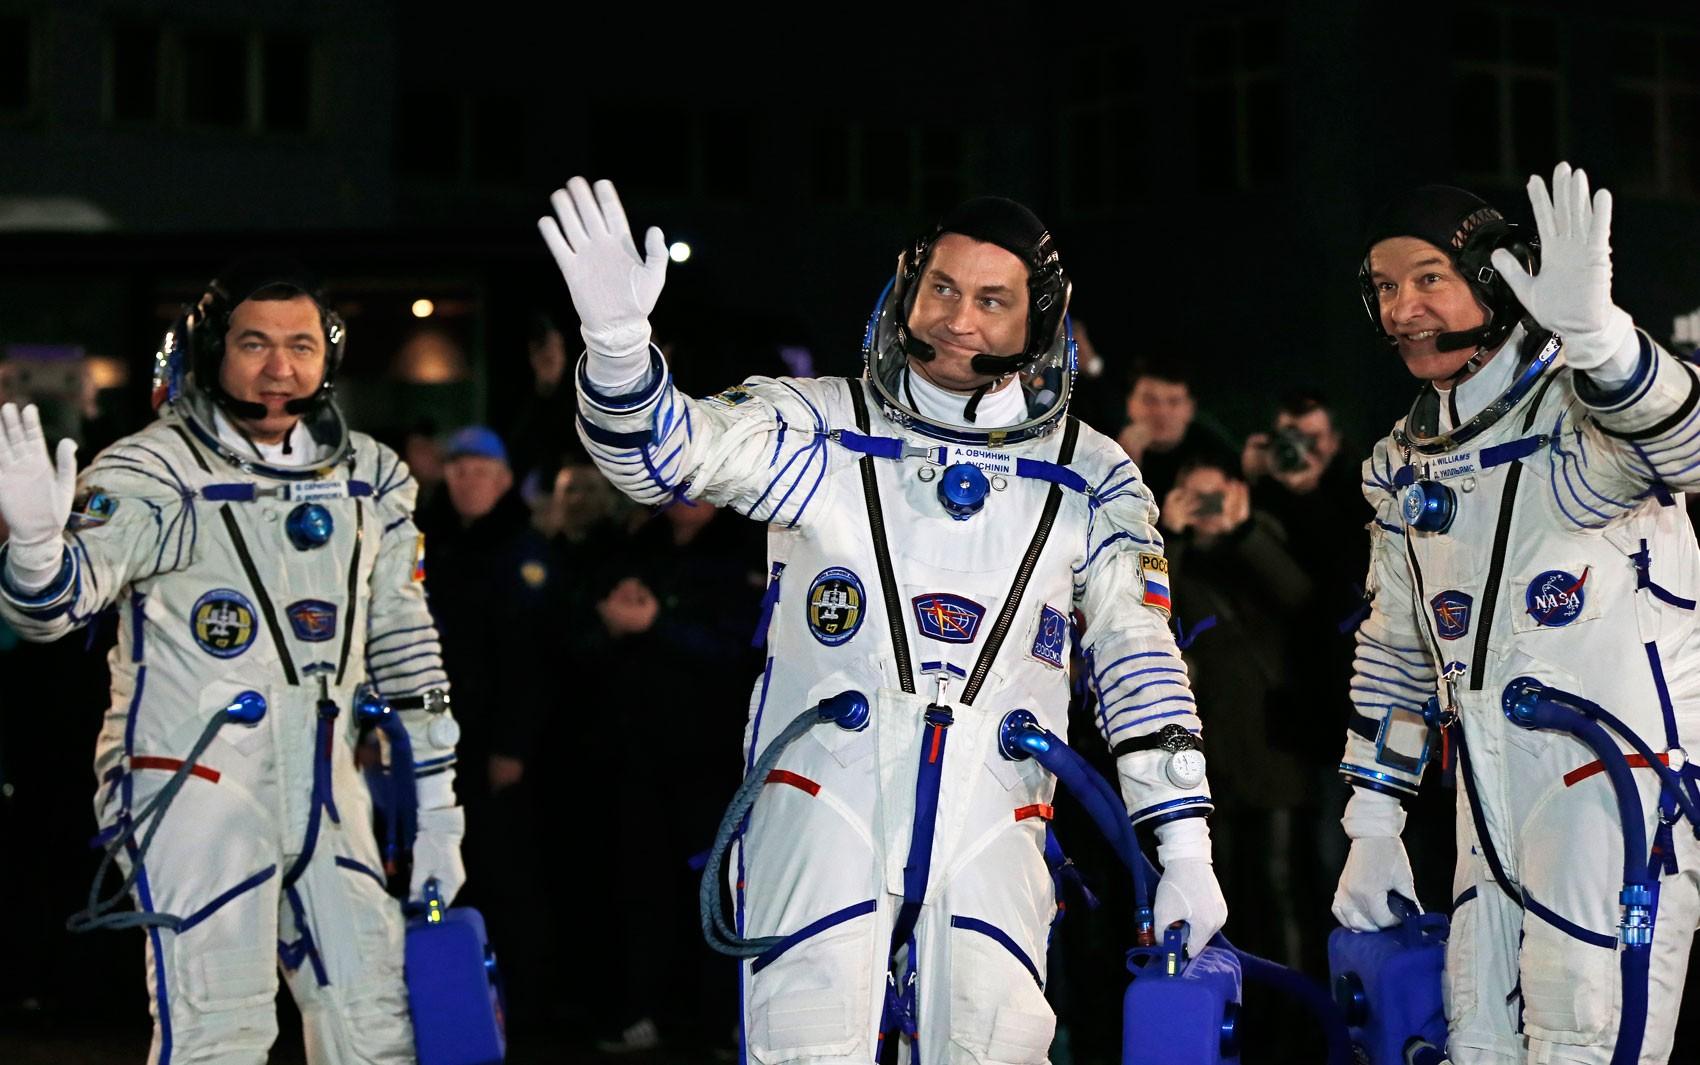 Os astronautas russos Alexey Ovchinin (esquerda) e Oleg Skripochka (direita) e o americano Jeffrey Williams acenam ao se preparar para o lançamento da Soyuz rumo à Estação Espacial Internacional, no Cazaquistão, na sexta (18) (Foto: AFP Photo/Yuri Kochetkov)